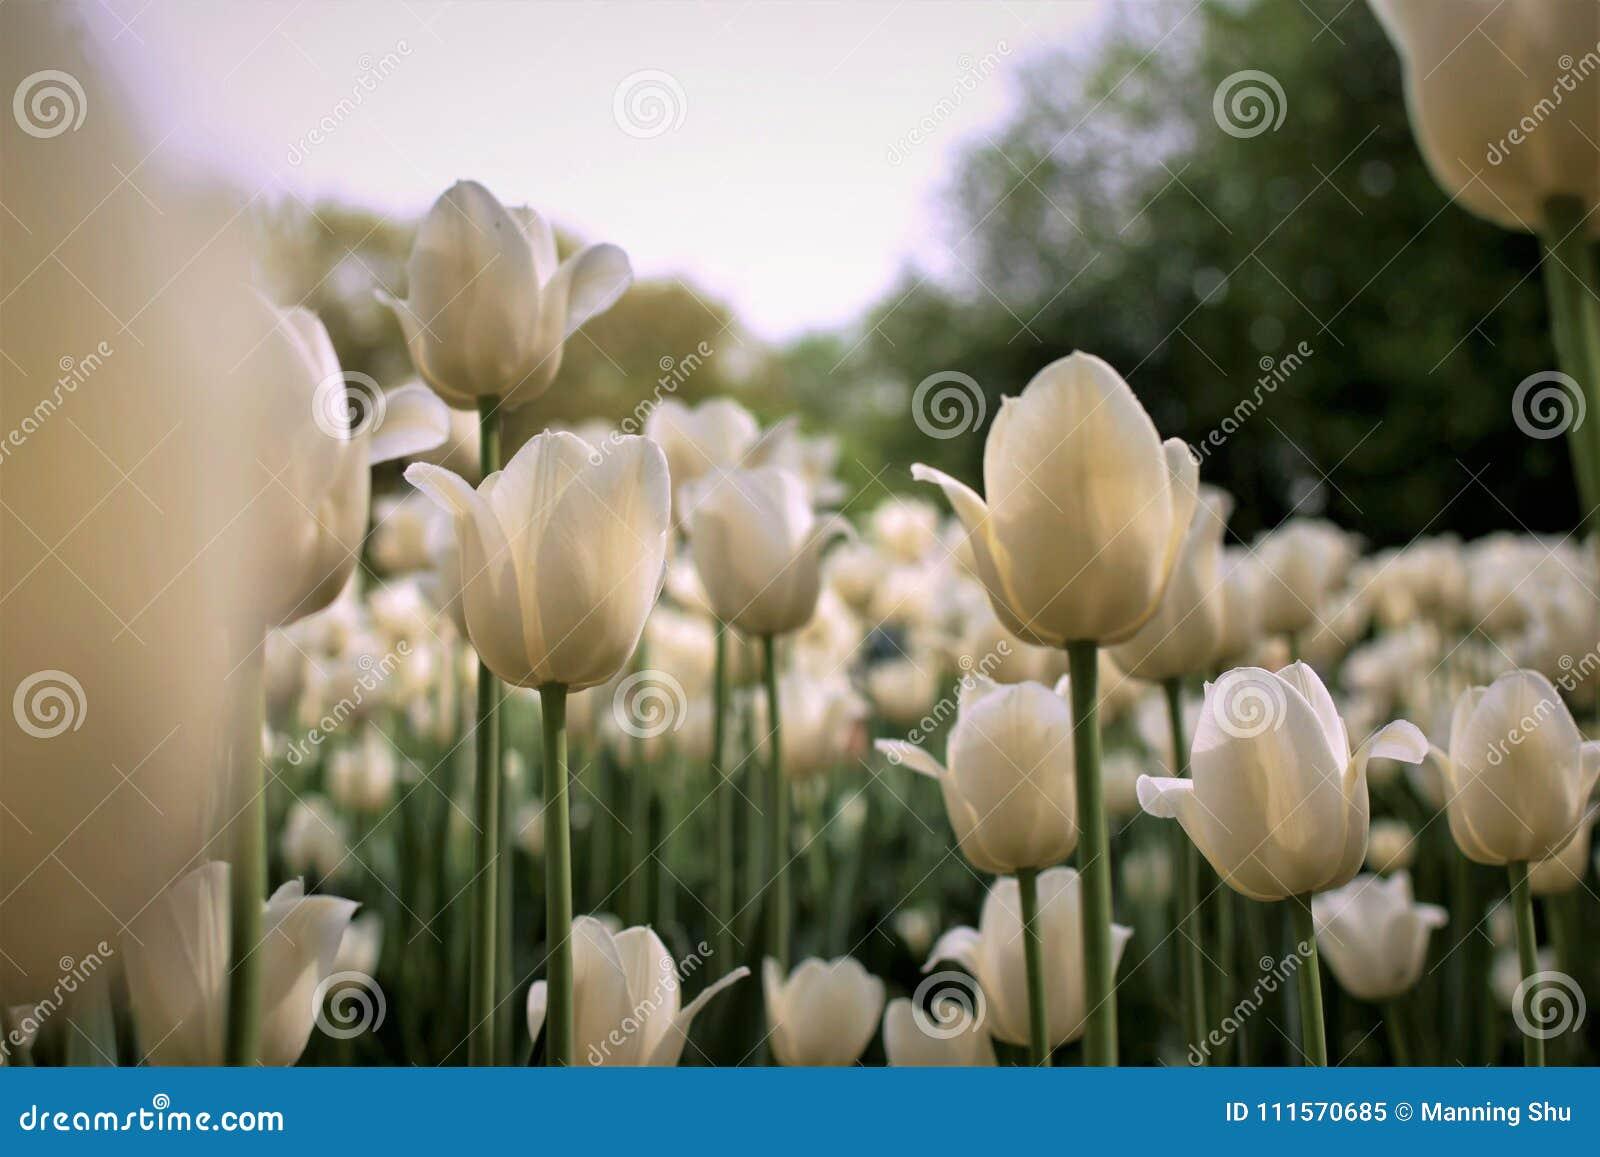 Art Print das tulipas brancas de creme no festival